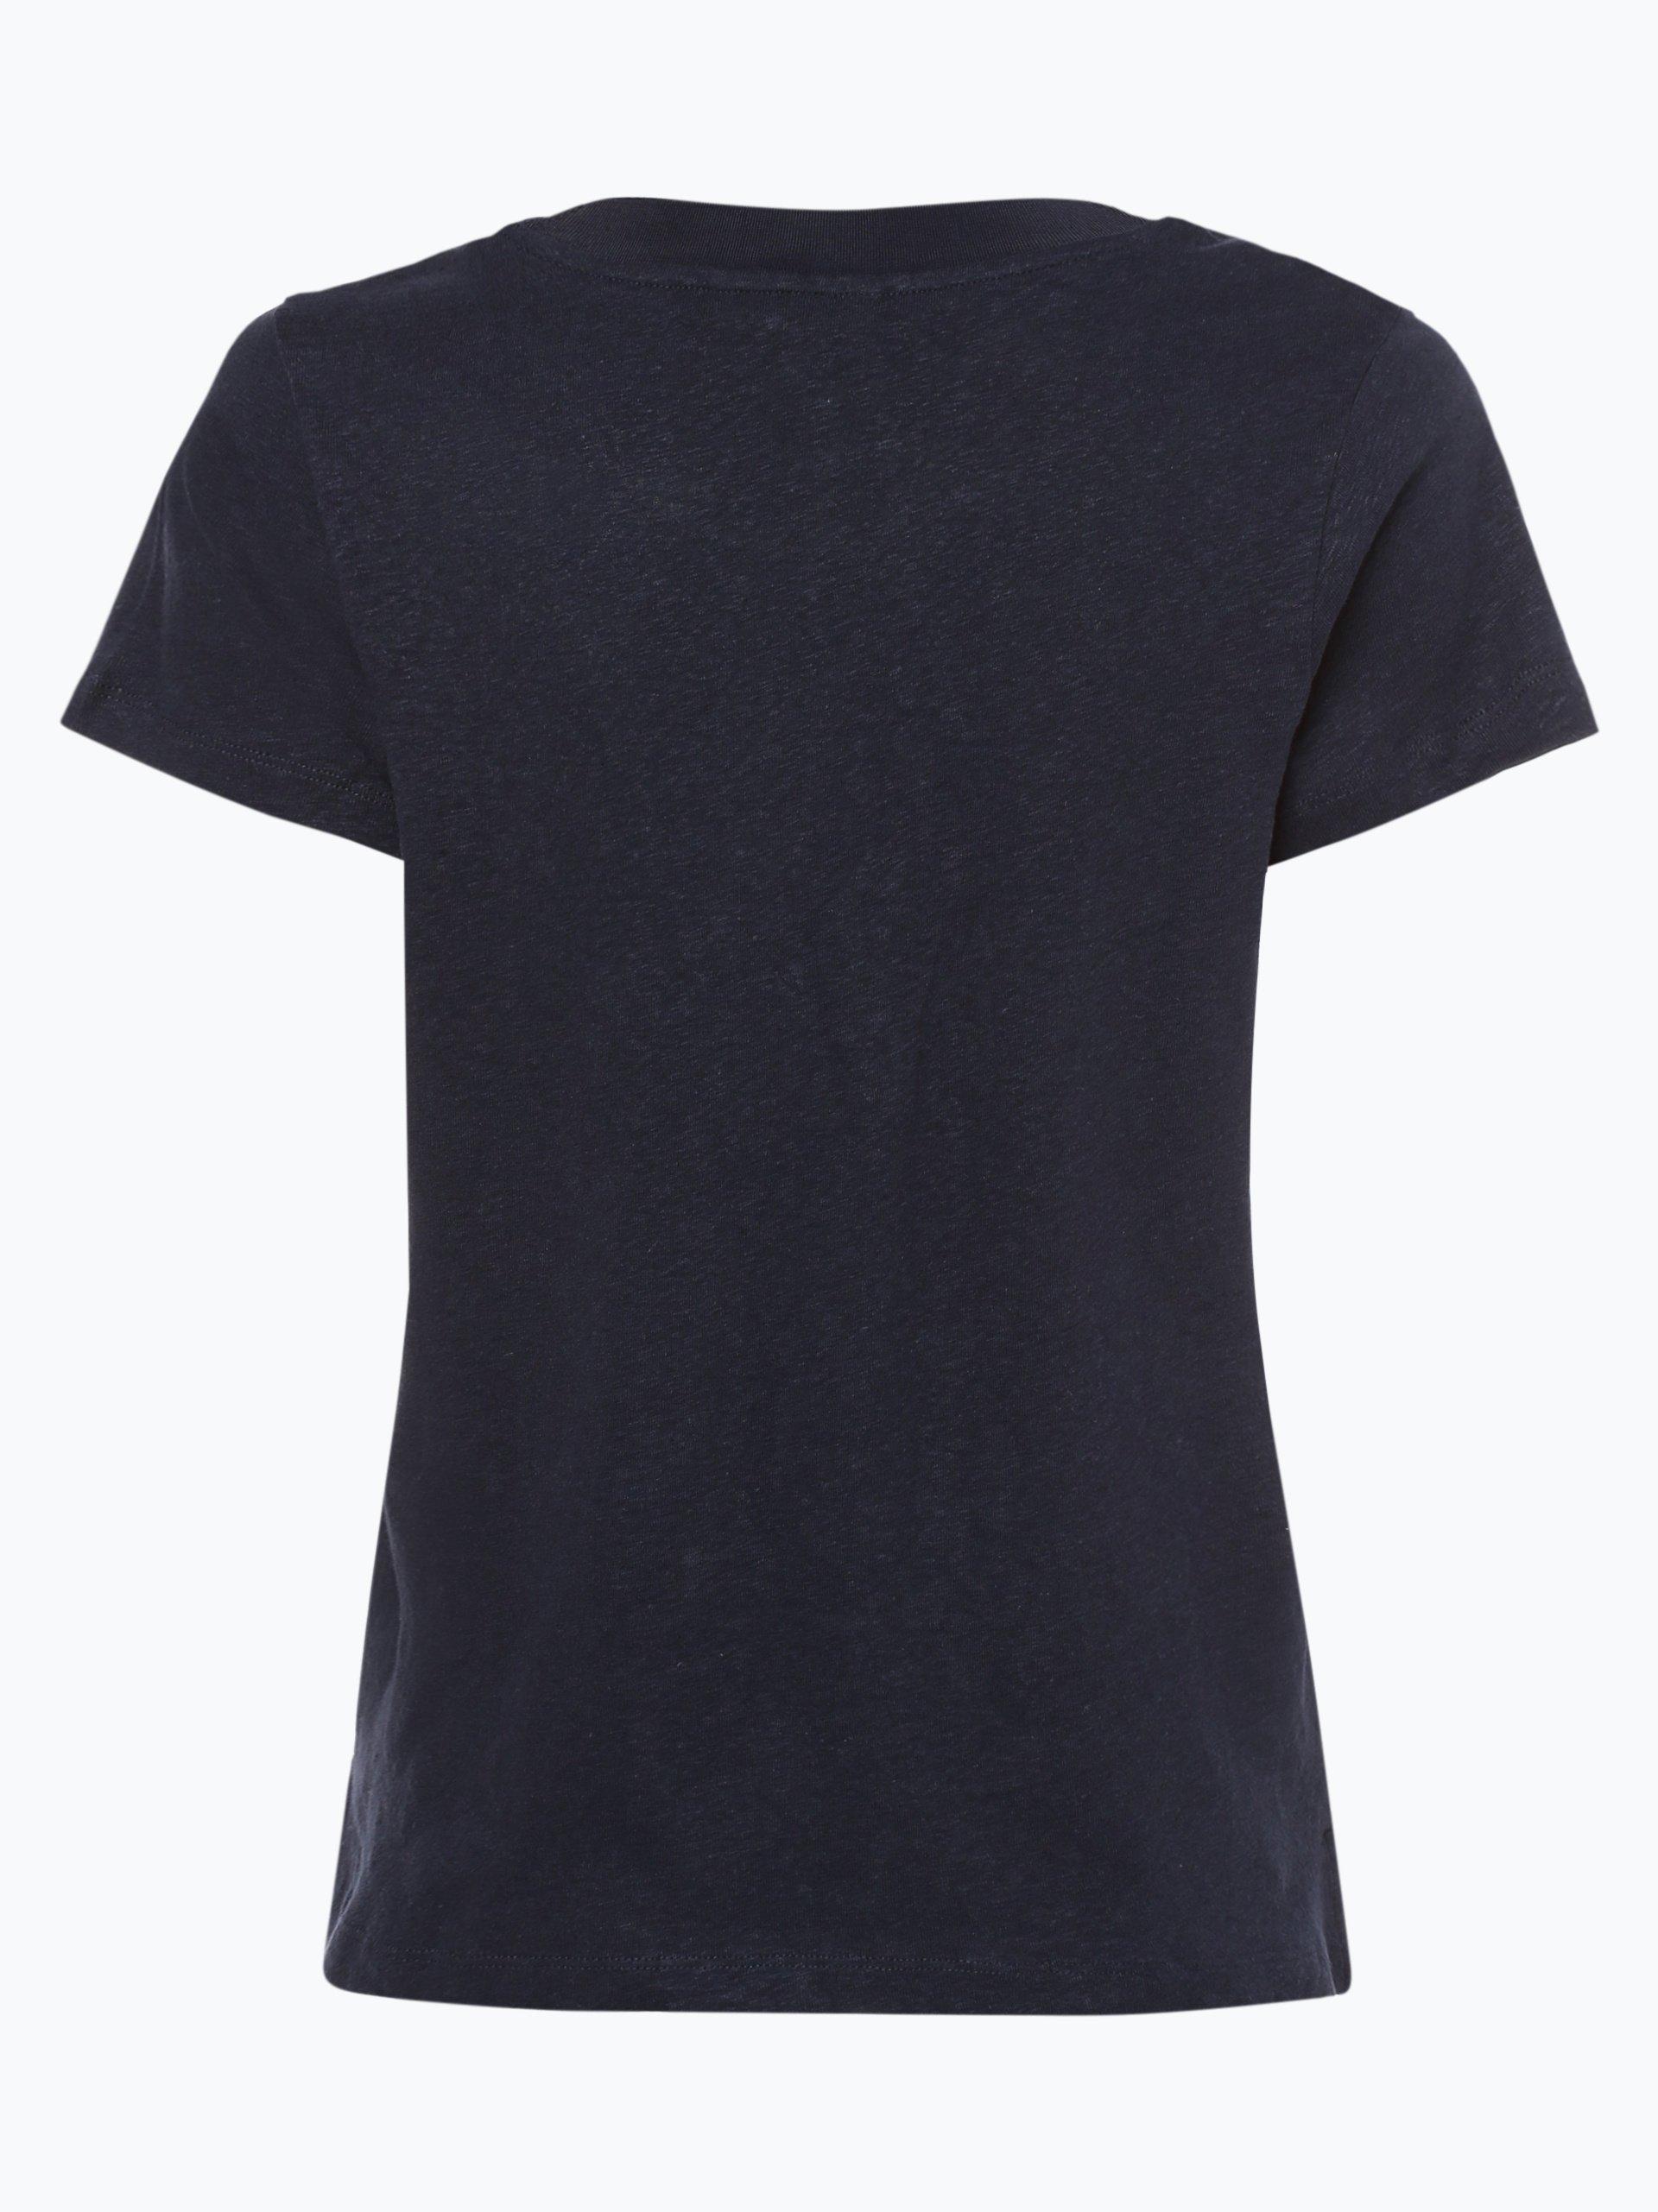 Tommy Hilfiger Damen T-Shirt mit Leinen-Anteil - Ellen